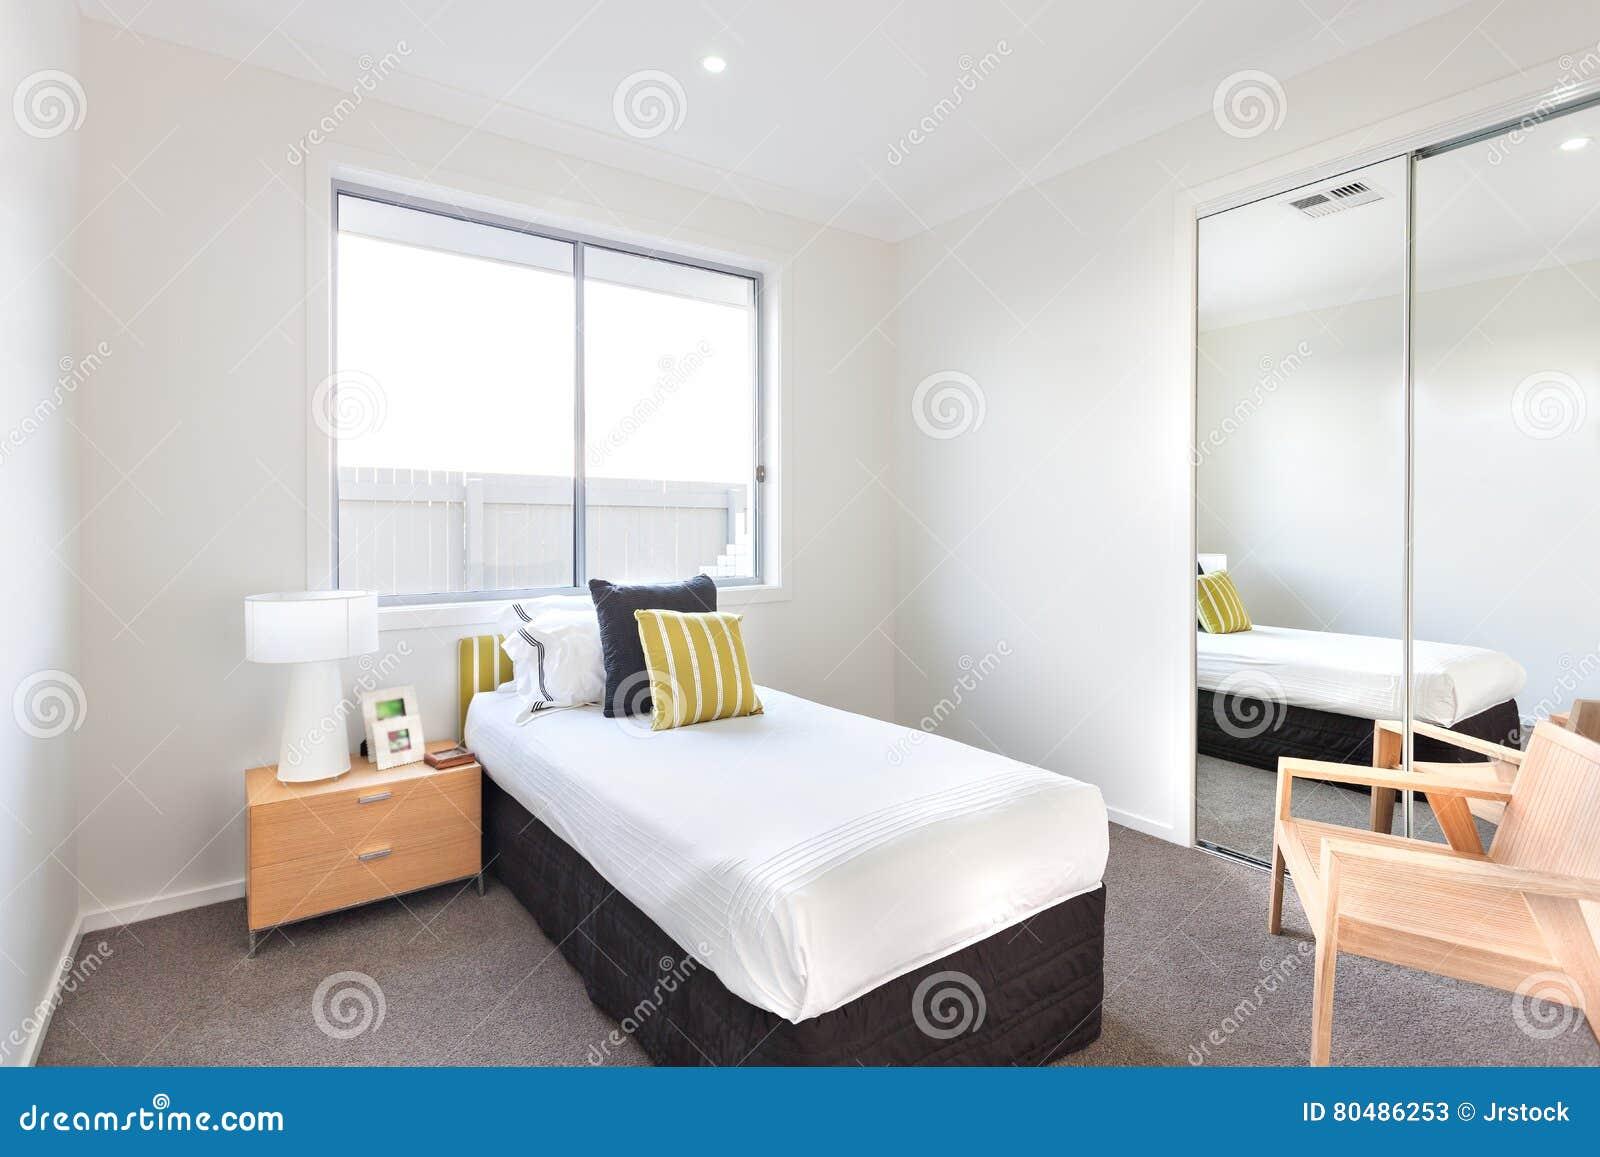 Moderne slaapkamer stoel interieur meubilair idee n for Moderne slaapkamer catalogus